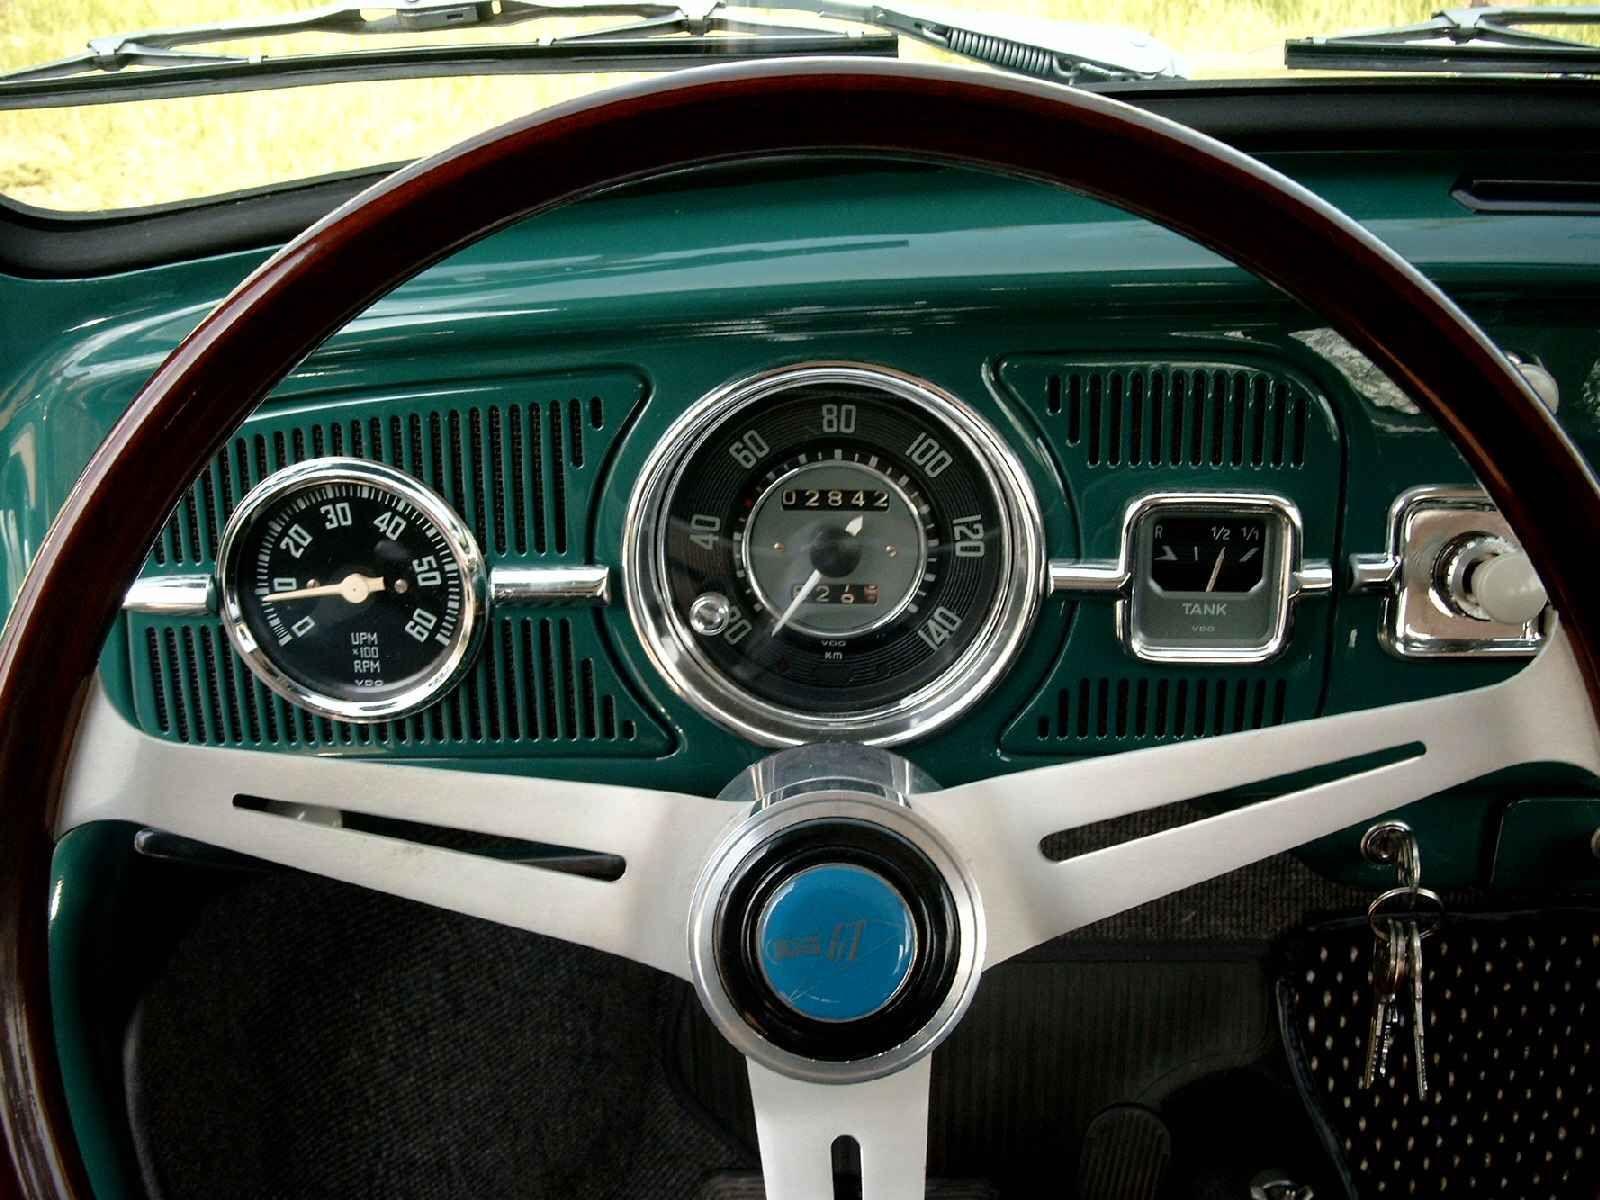 vw beetle dash  gt steering wheel vw pinterest happy steering wheels  vw beetles